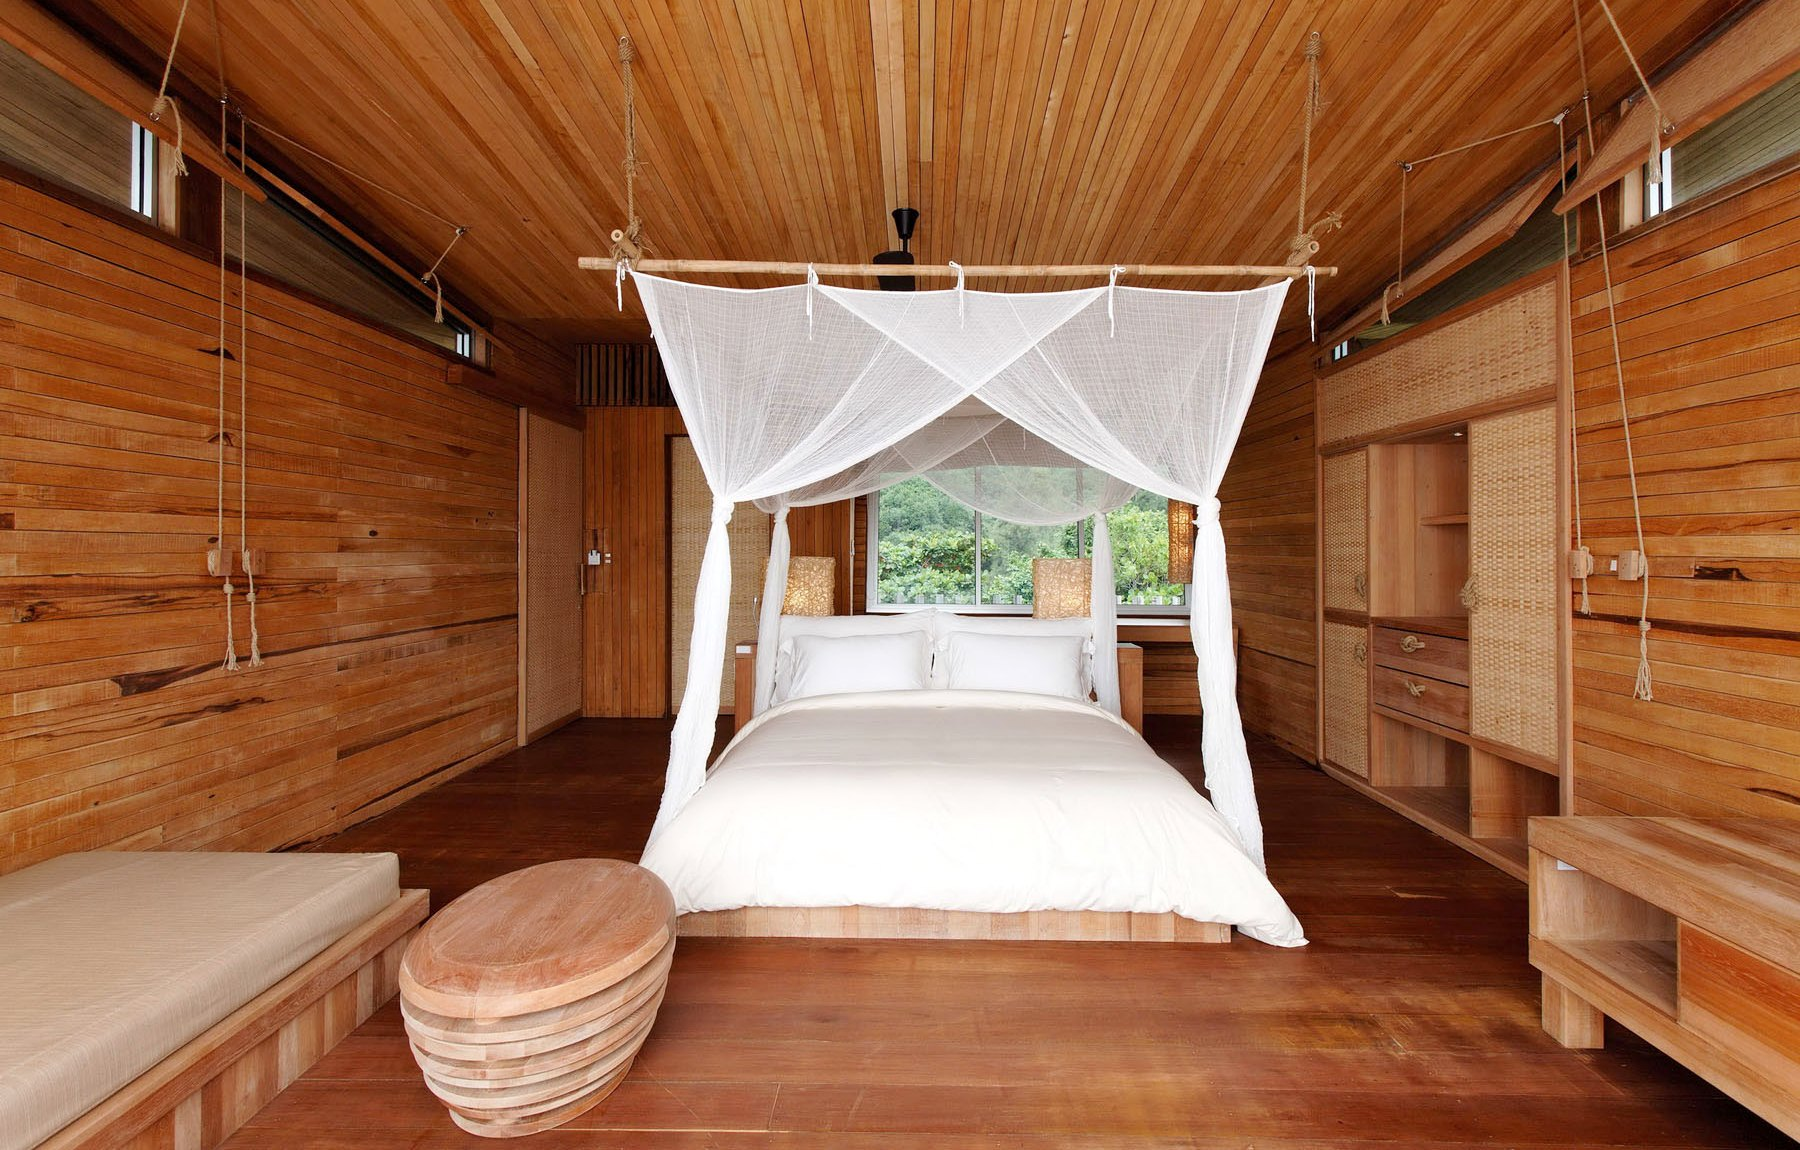 дизайн деревянного дома фотогалерея интерьера3